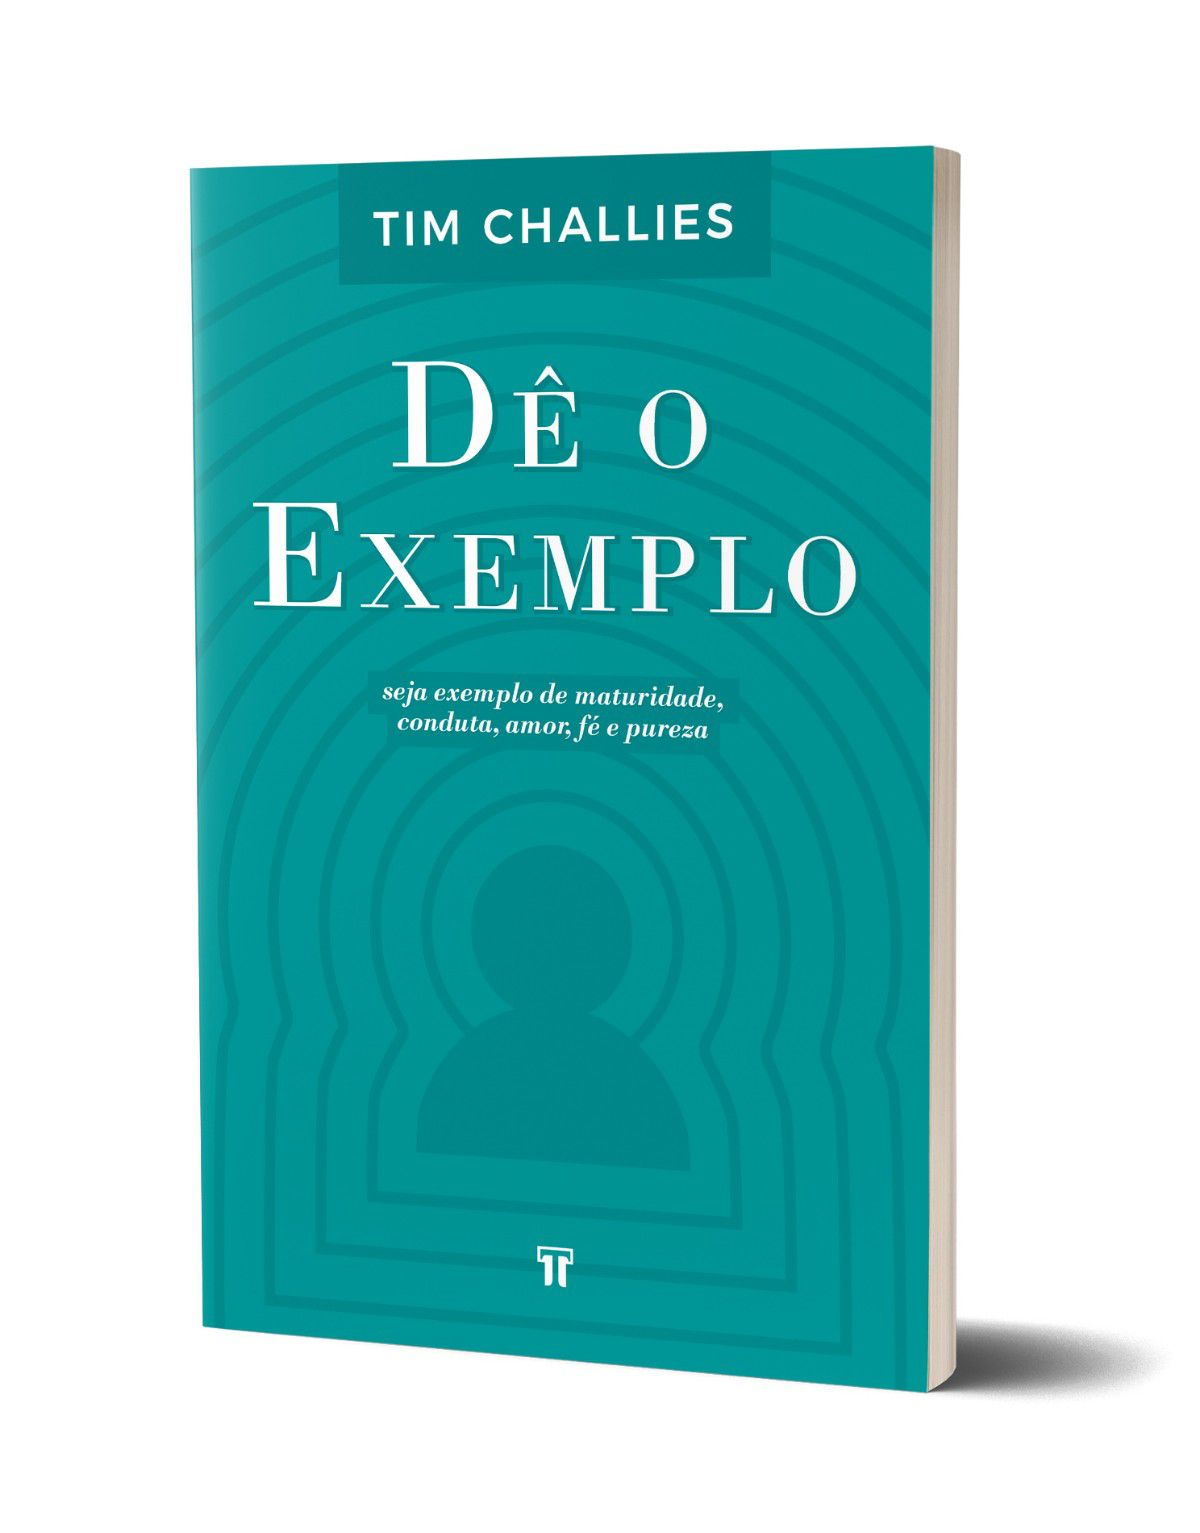 Livro Dê o exemplo - Tim Challies